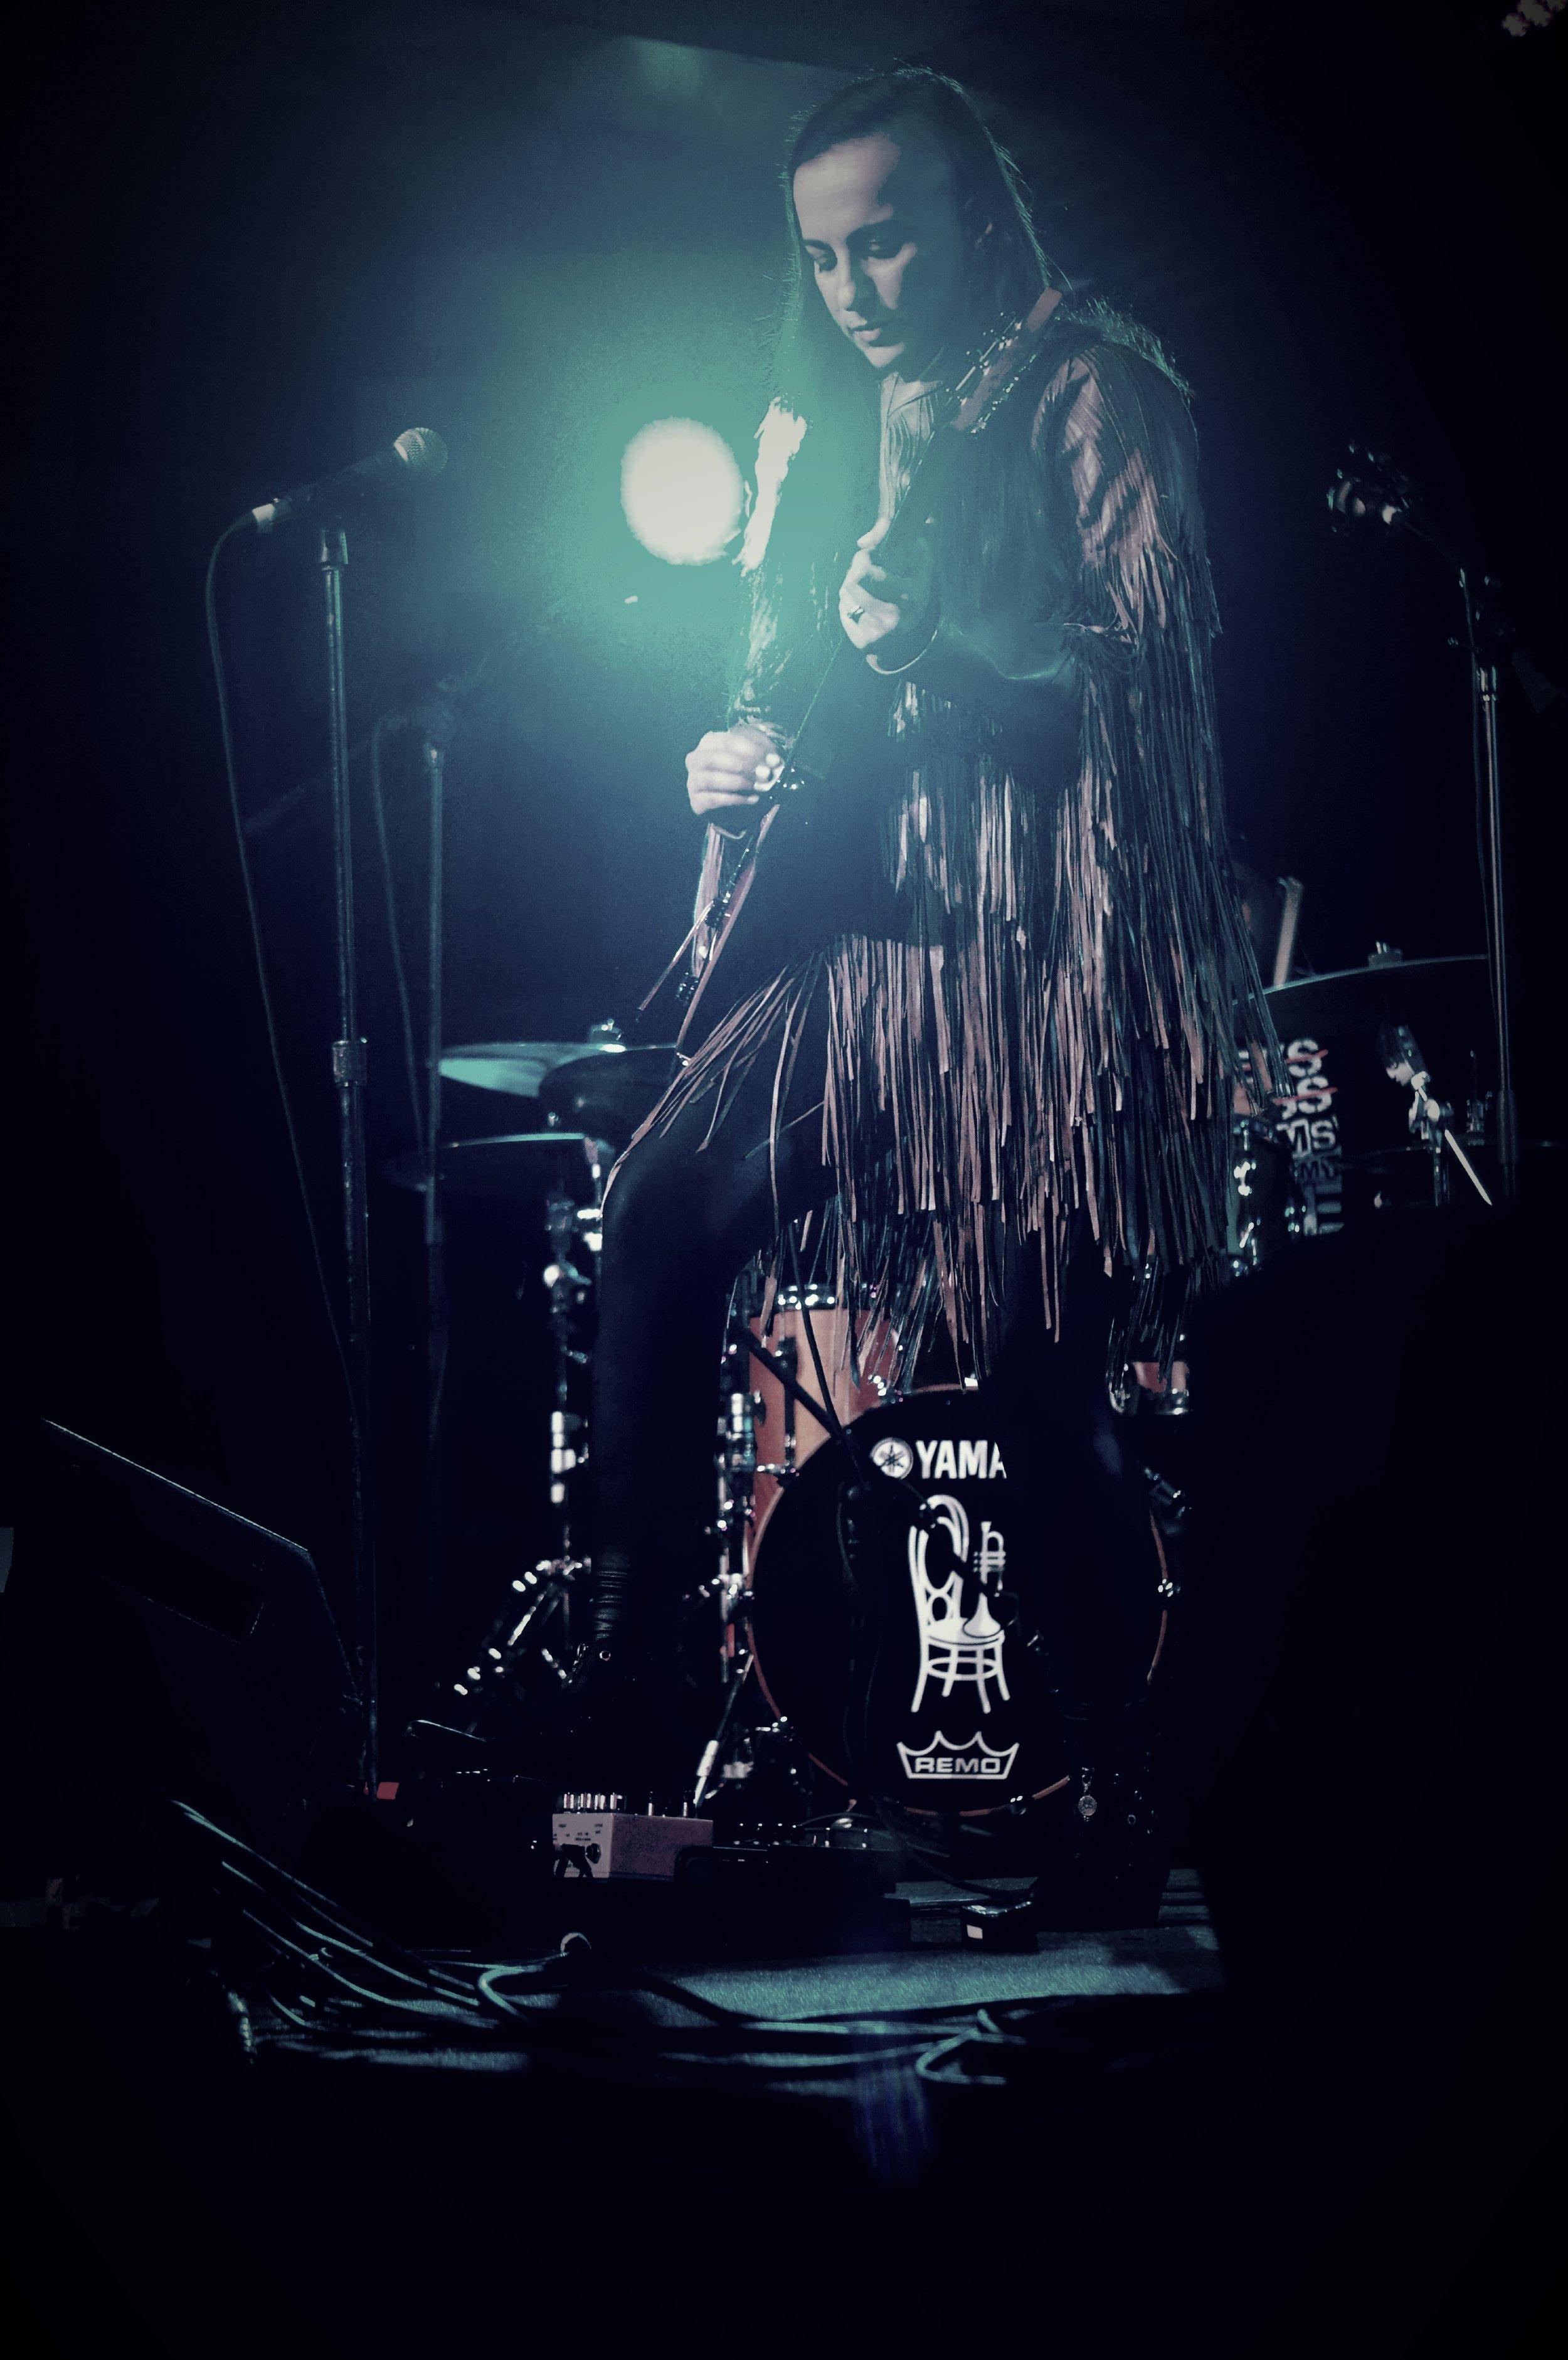 Guitarist Donna Grantis